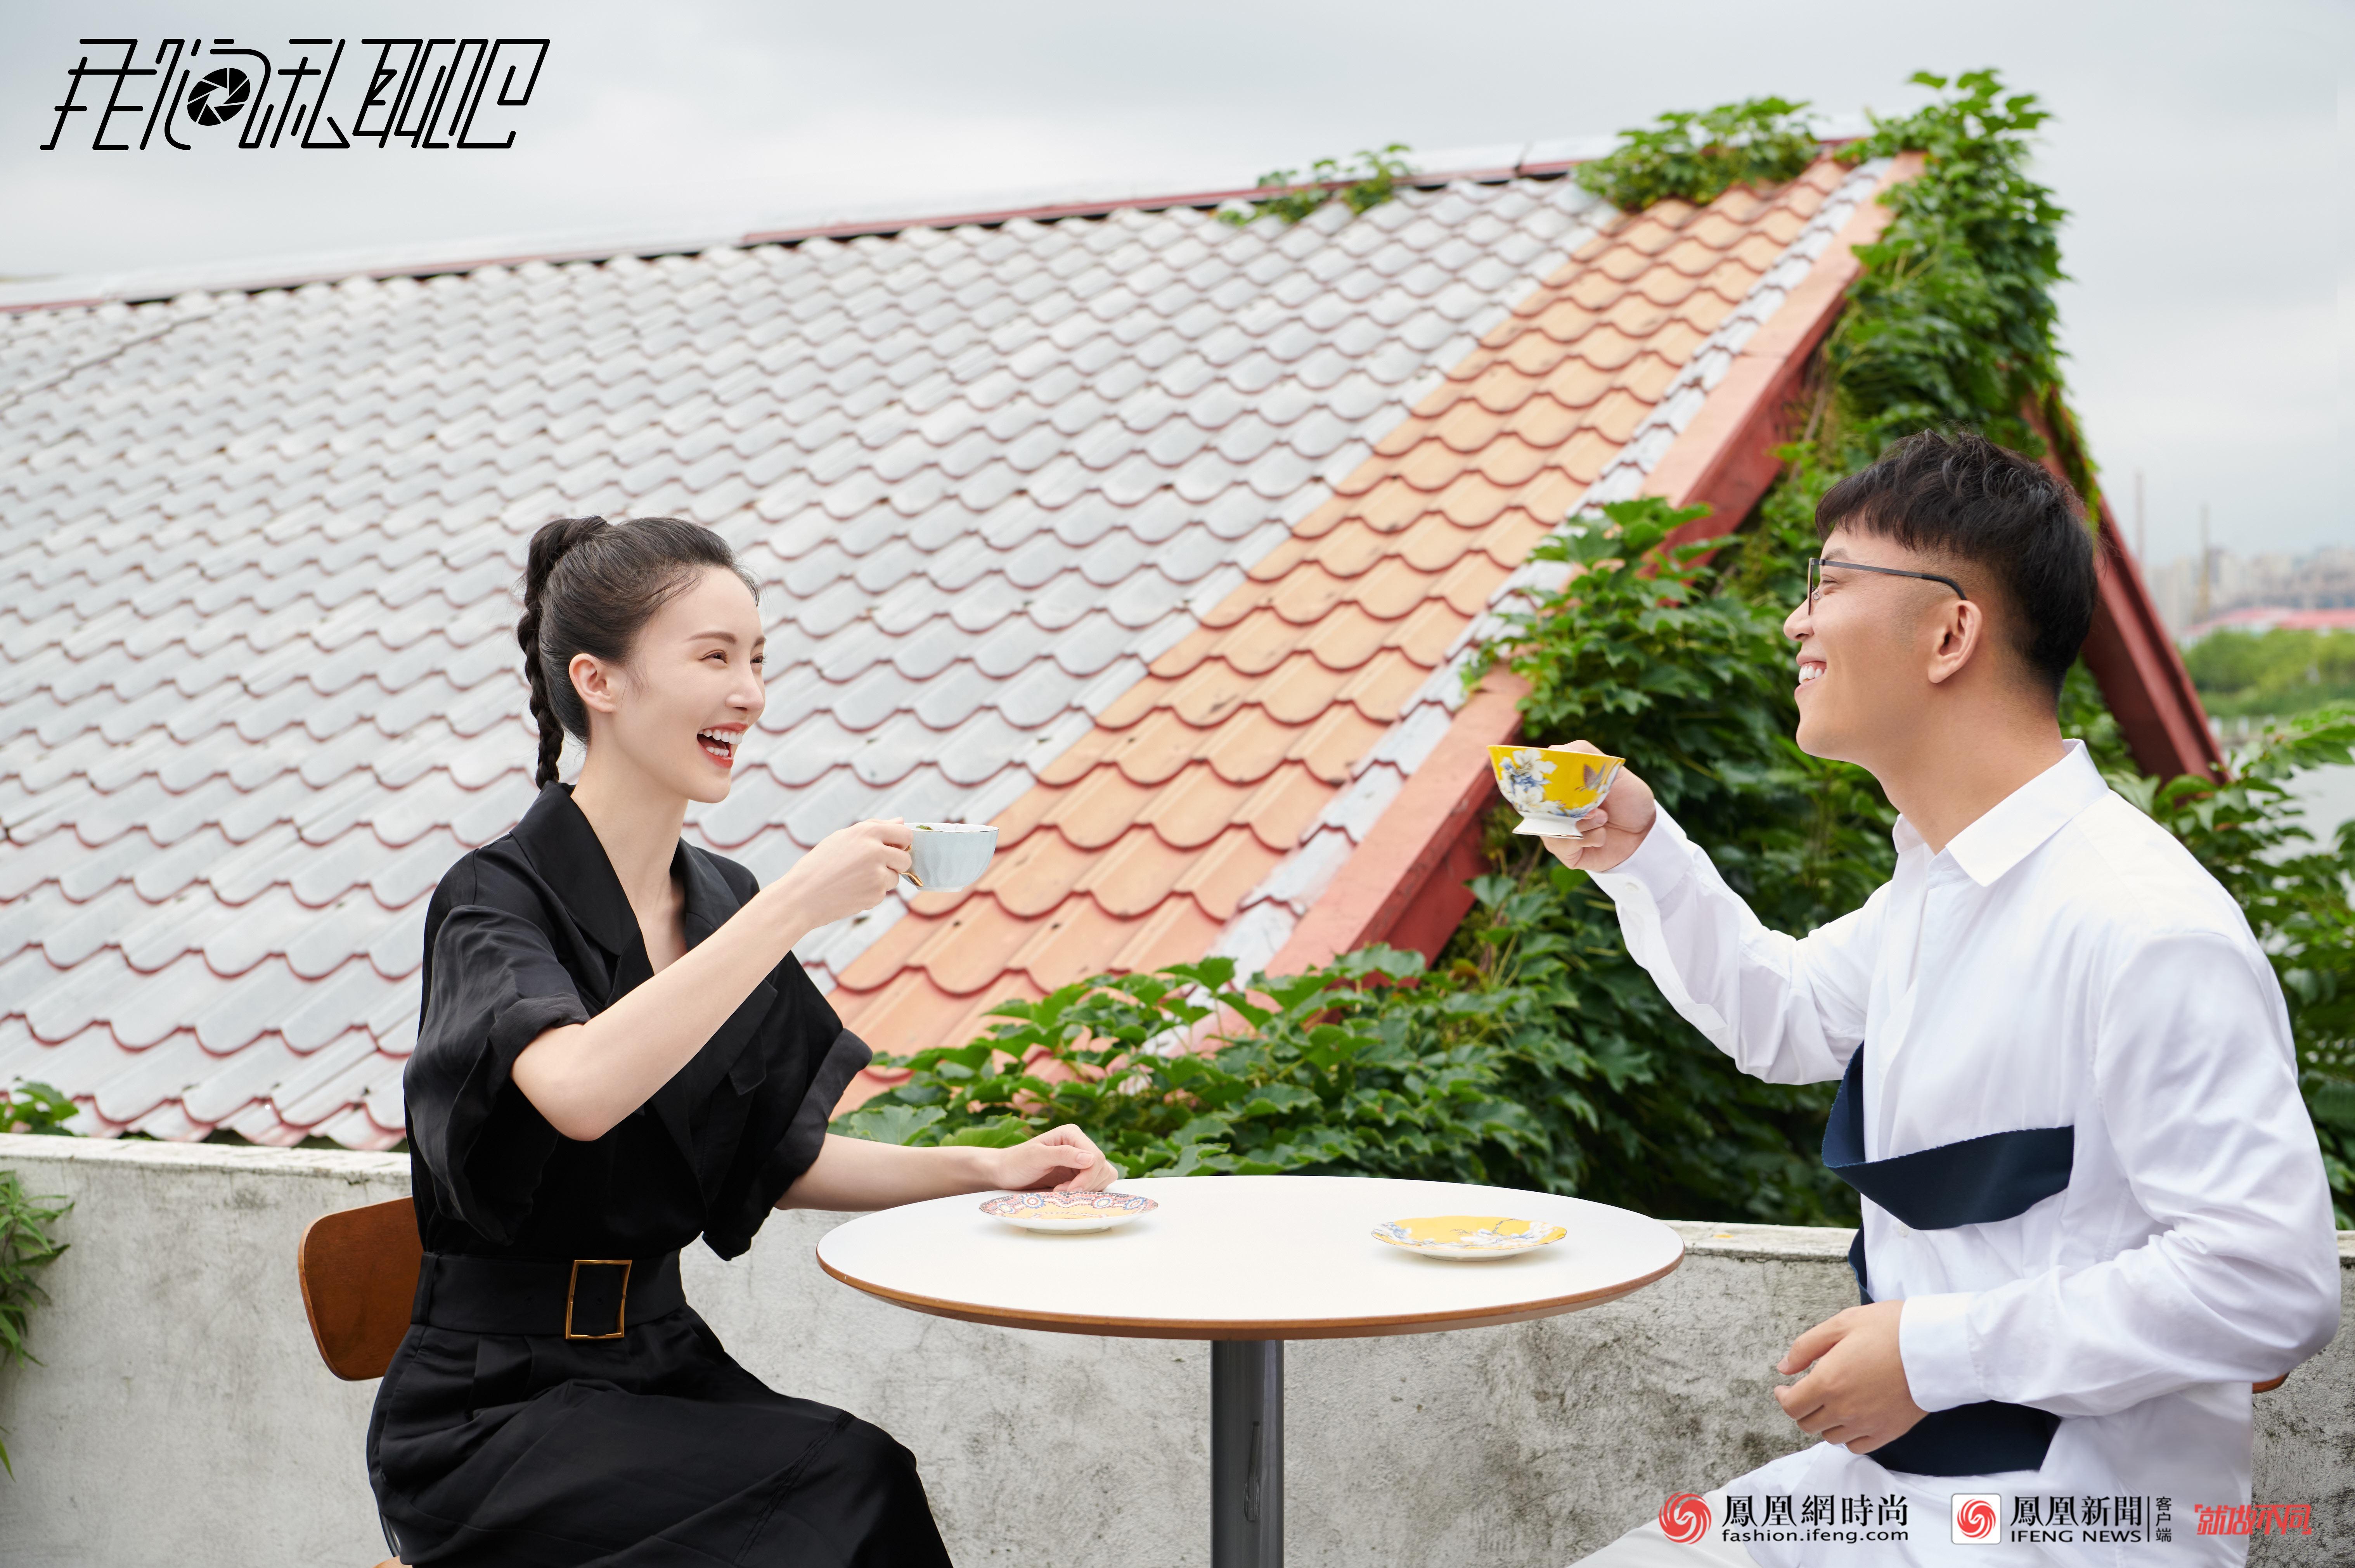 金晨:我特别欣赏张雨绮的狼性,希望有她那样自信。